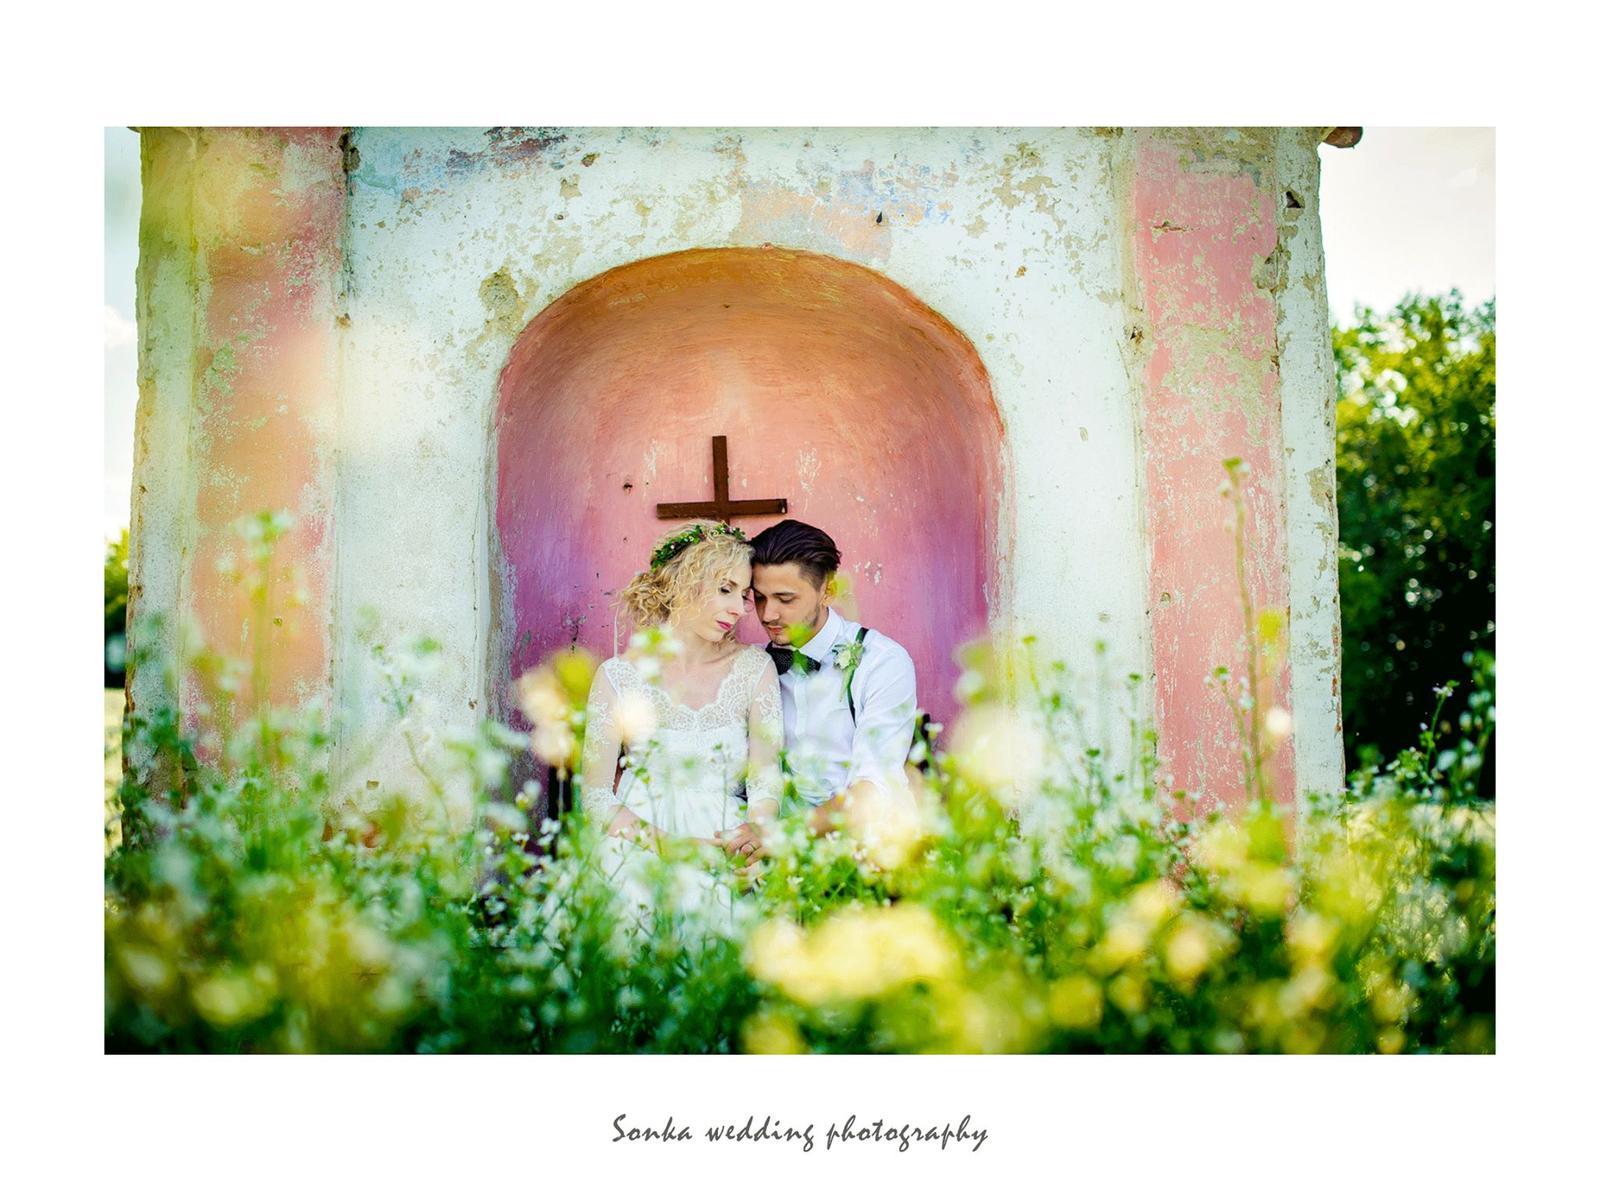 Wedding photography - Obrázek č. 15